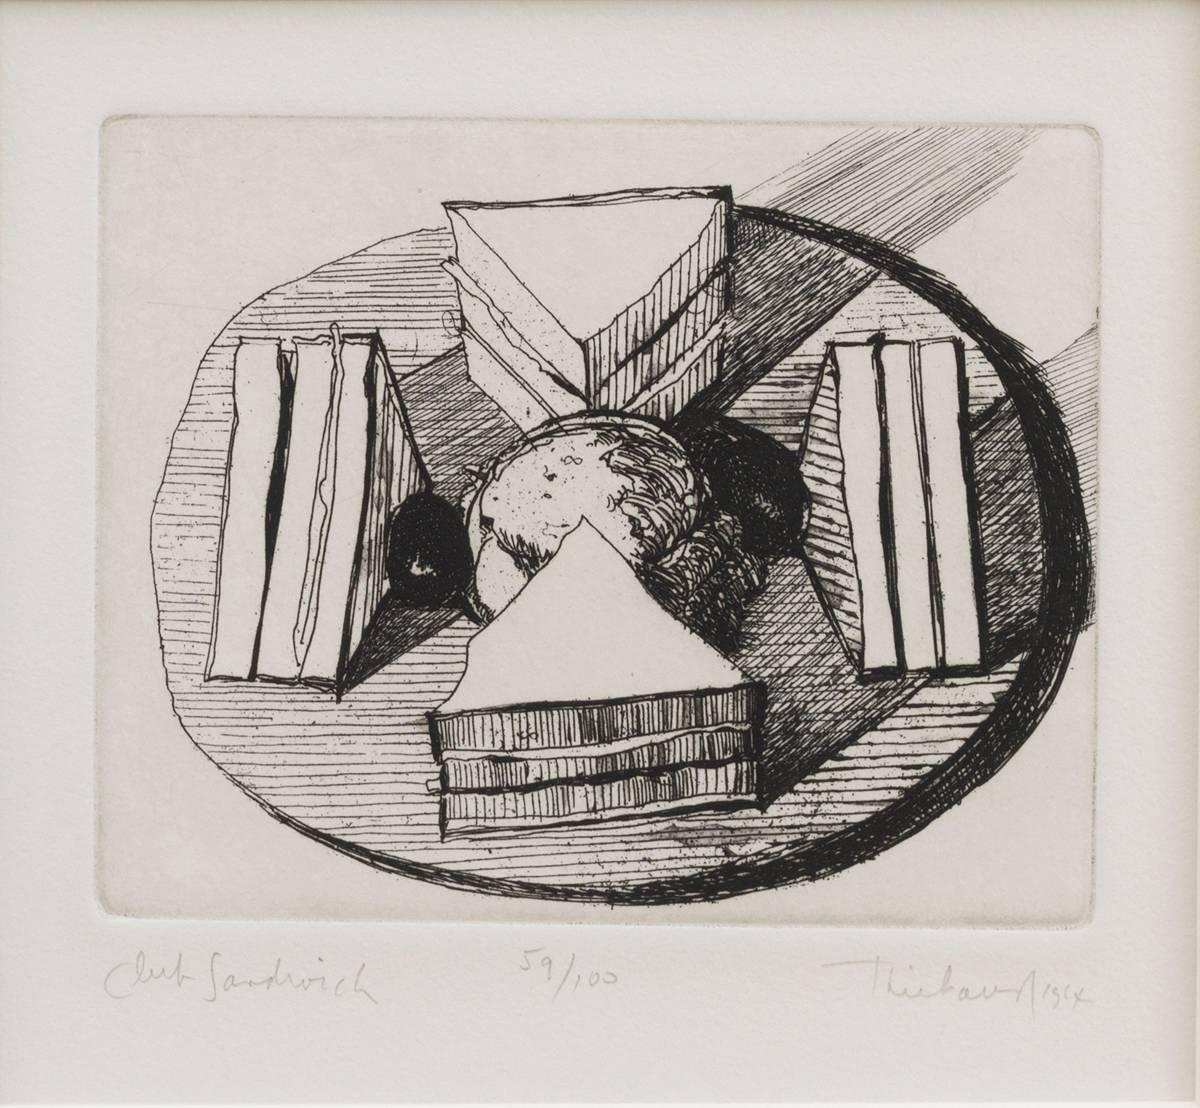 WAYNE THIEBAUD (AMERICAN, B. 1920):<BR>Club Sandwich